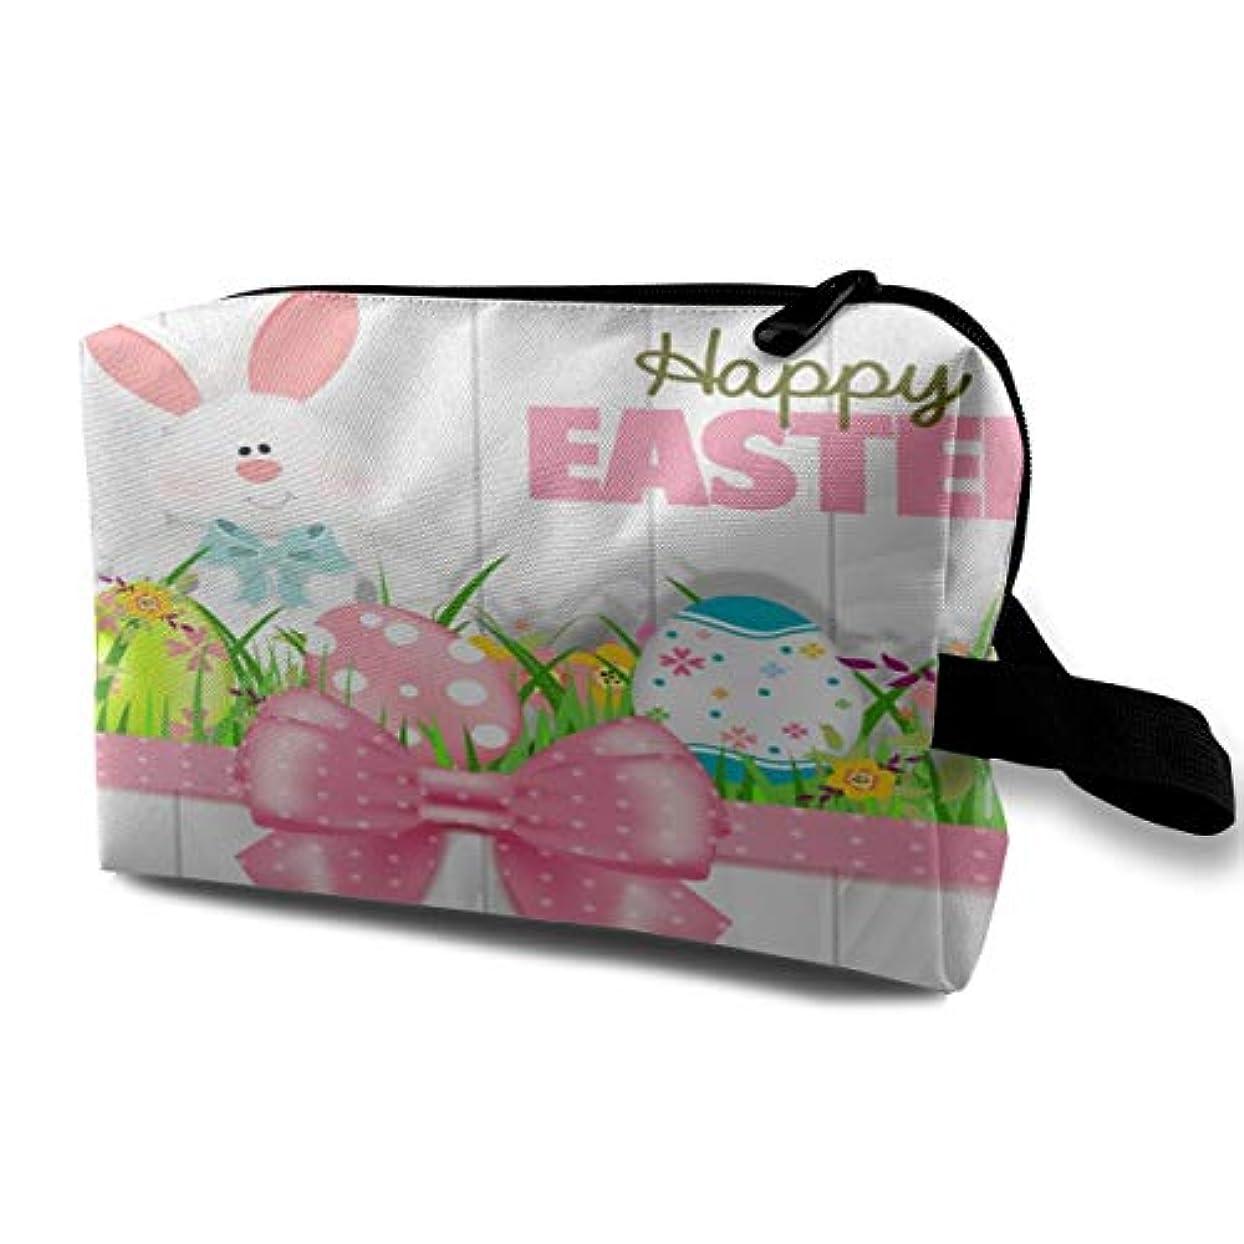 敗北ぶどう約設定Easter Bunny Eggs 収納ポーチ 化粧ポーチ 大容量 軽量 耐久性 ハンドル付持ち運び便利。入れ 自宅?出張?旅行?アウトドア撮影などに対応。メンズ レディース トラベルグッズ